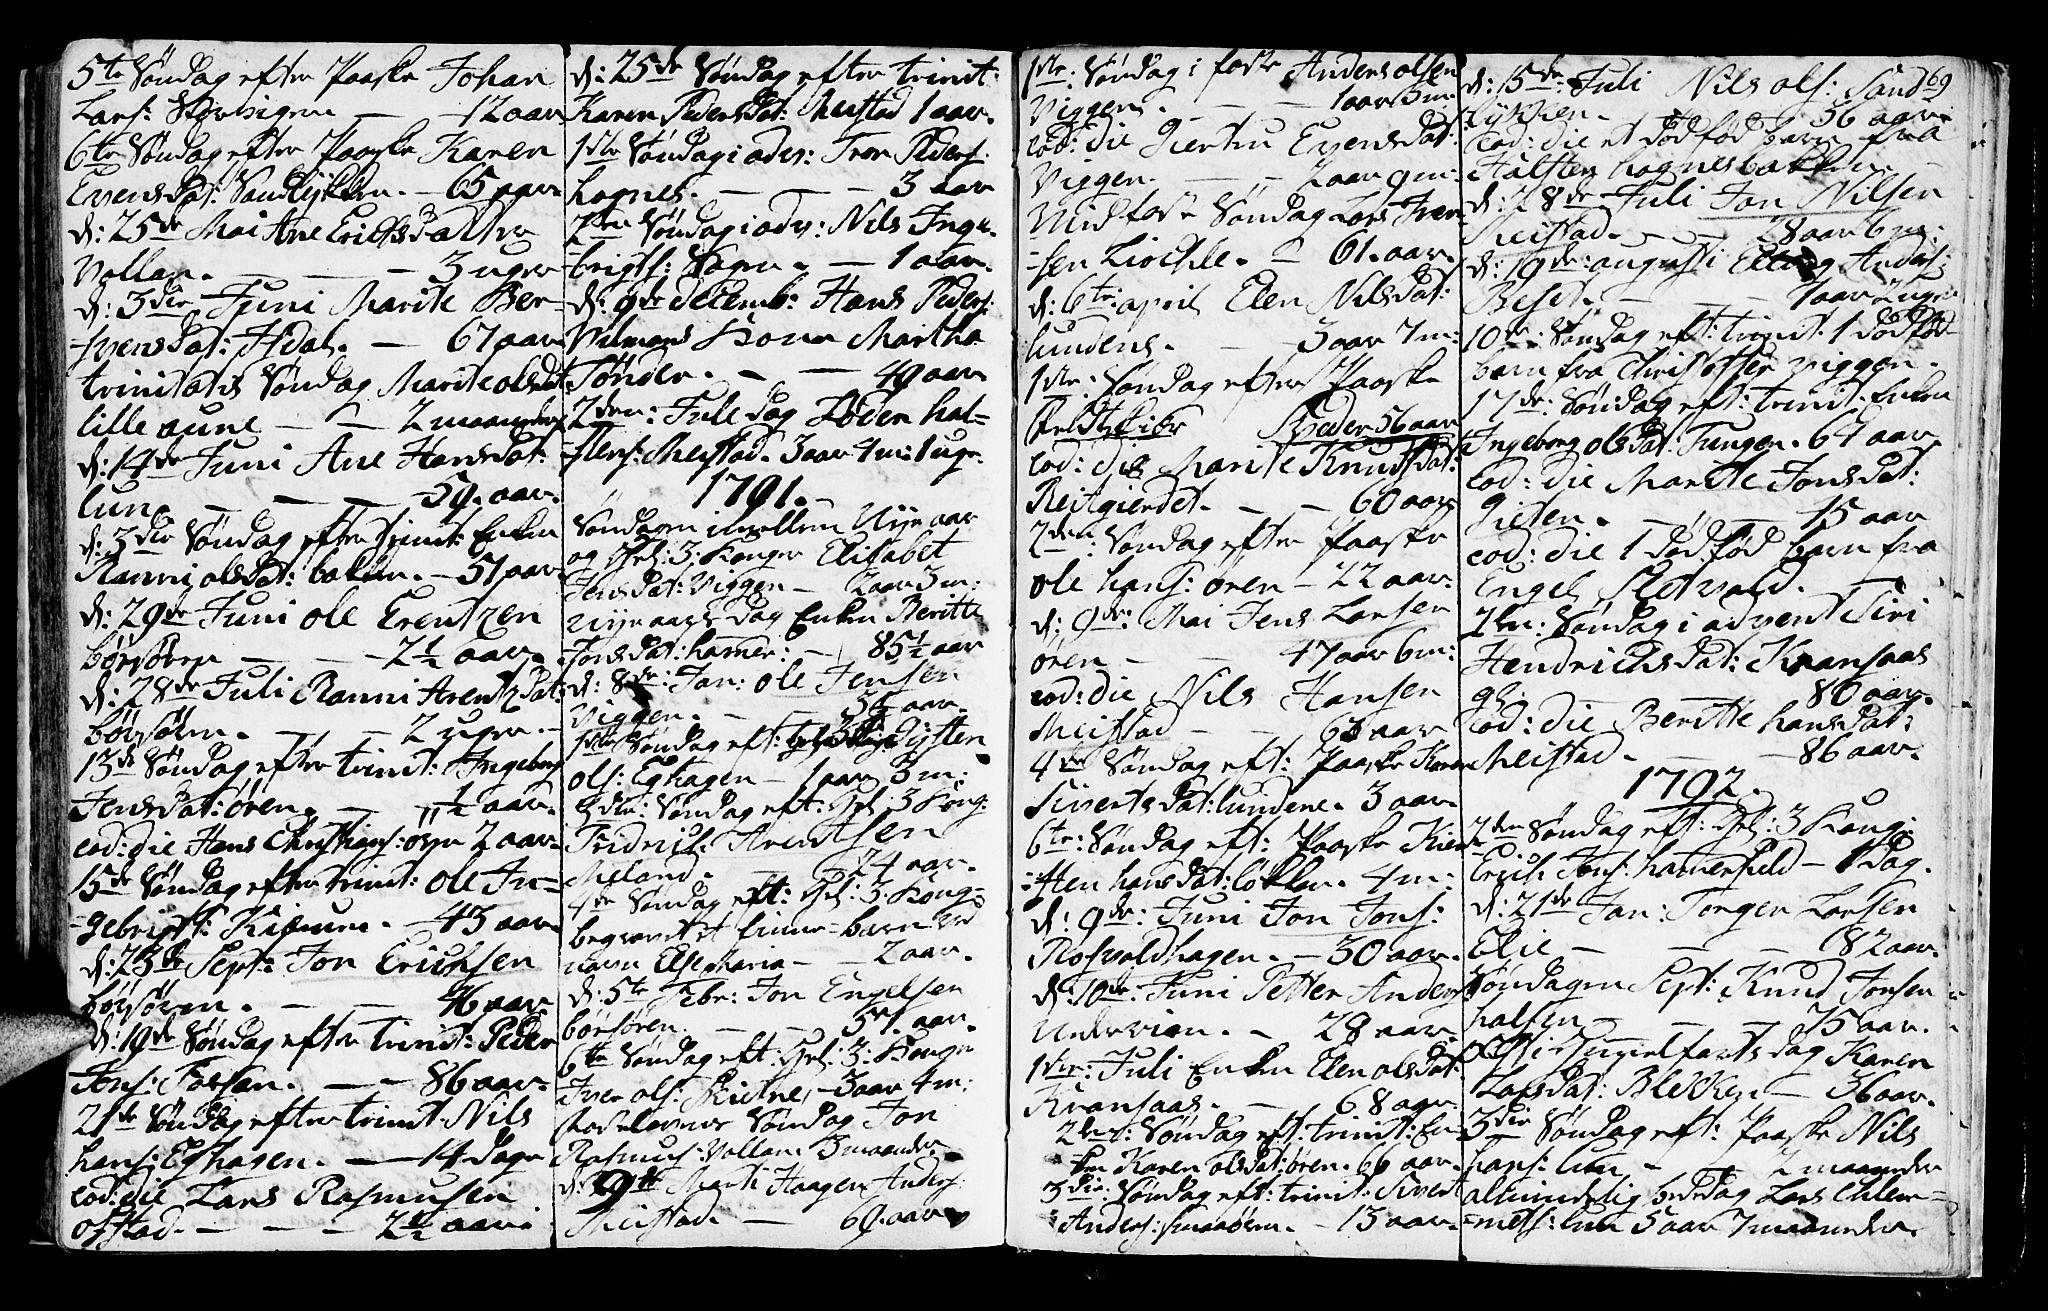 SAT, Ministerialprotokoller, klokkerbøker og fødselsregistre - Sør-Trøndelag, 665/L0768: Ministerialbok nr. 665A03, 1754-1803, s. 169